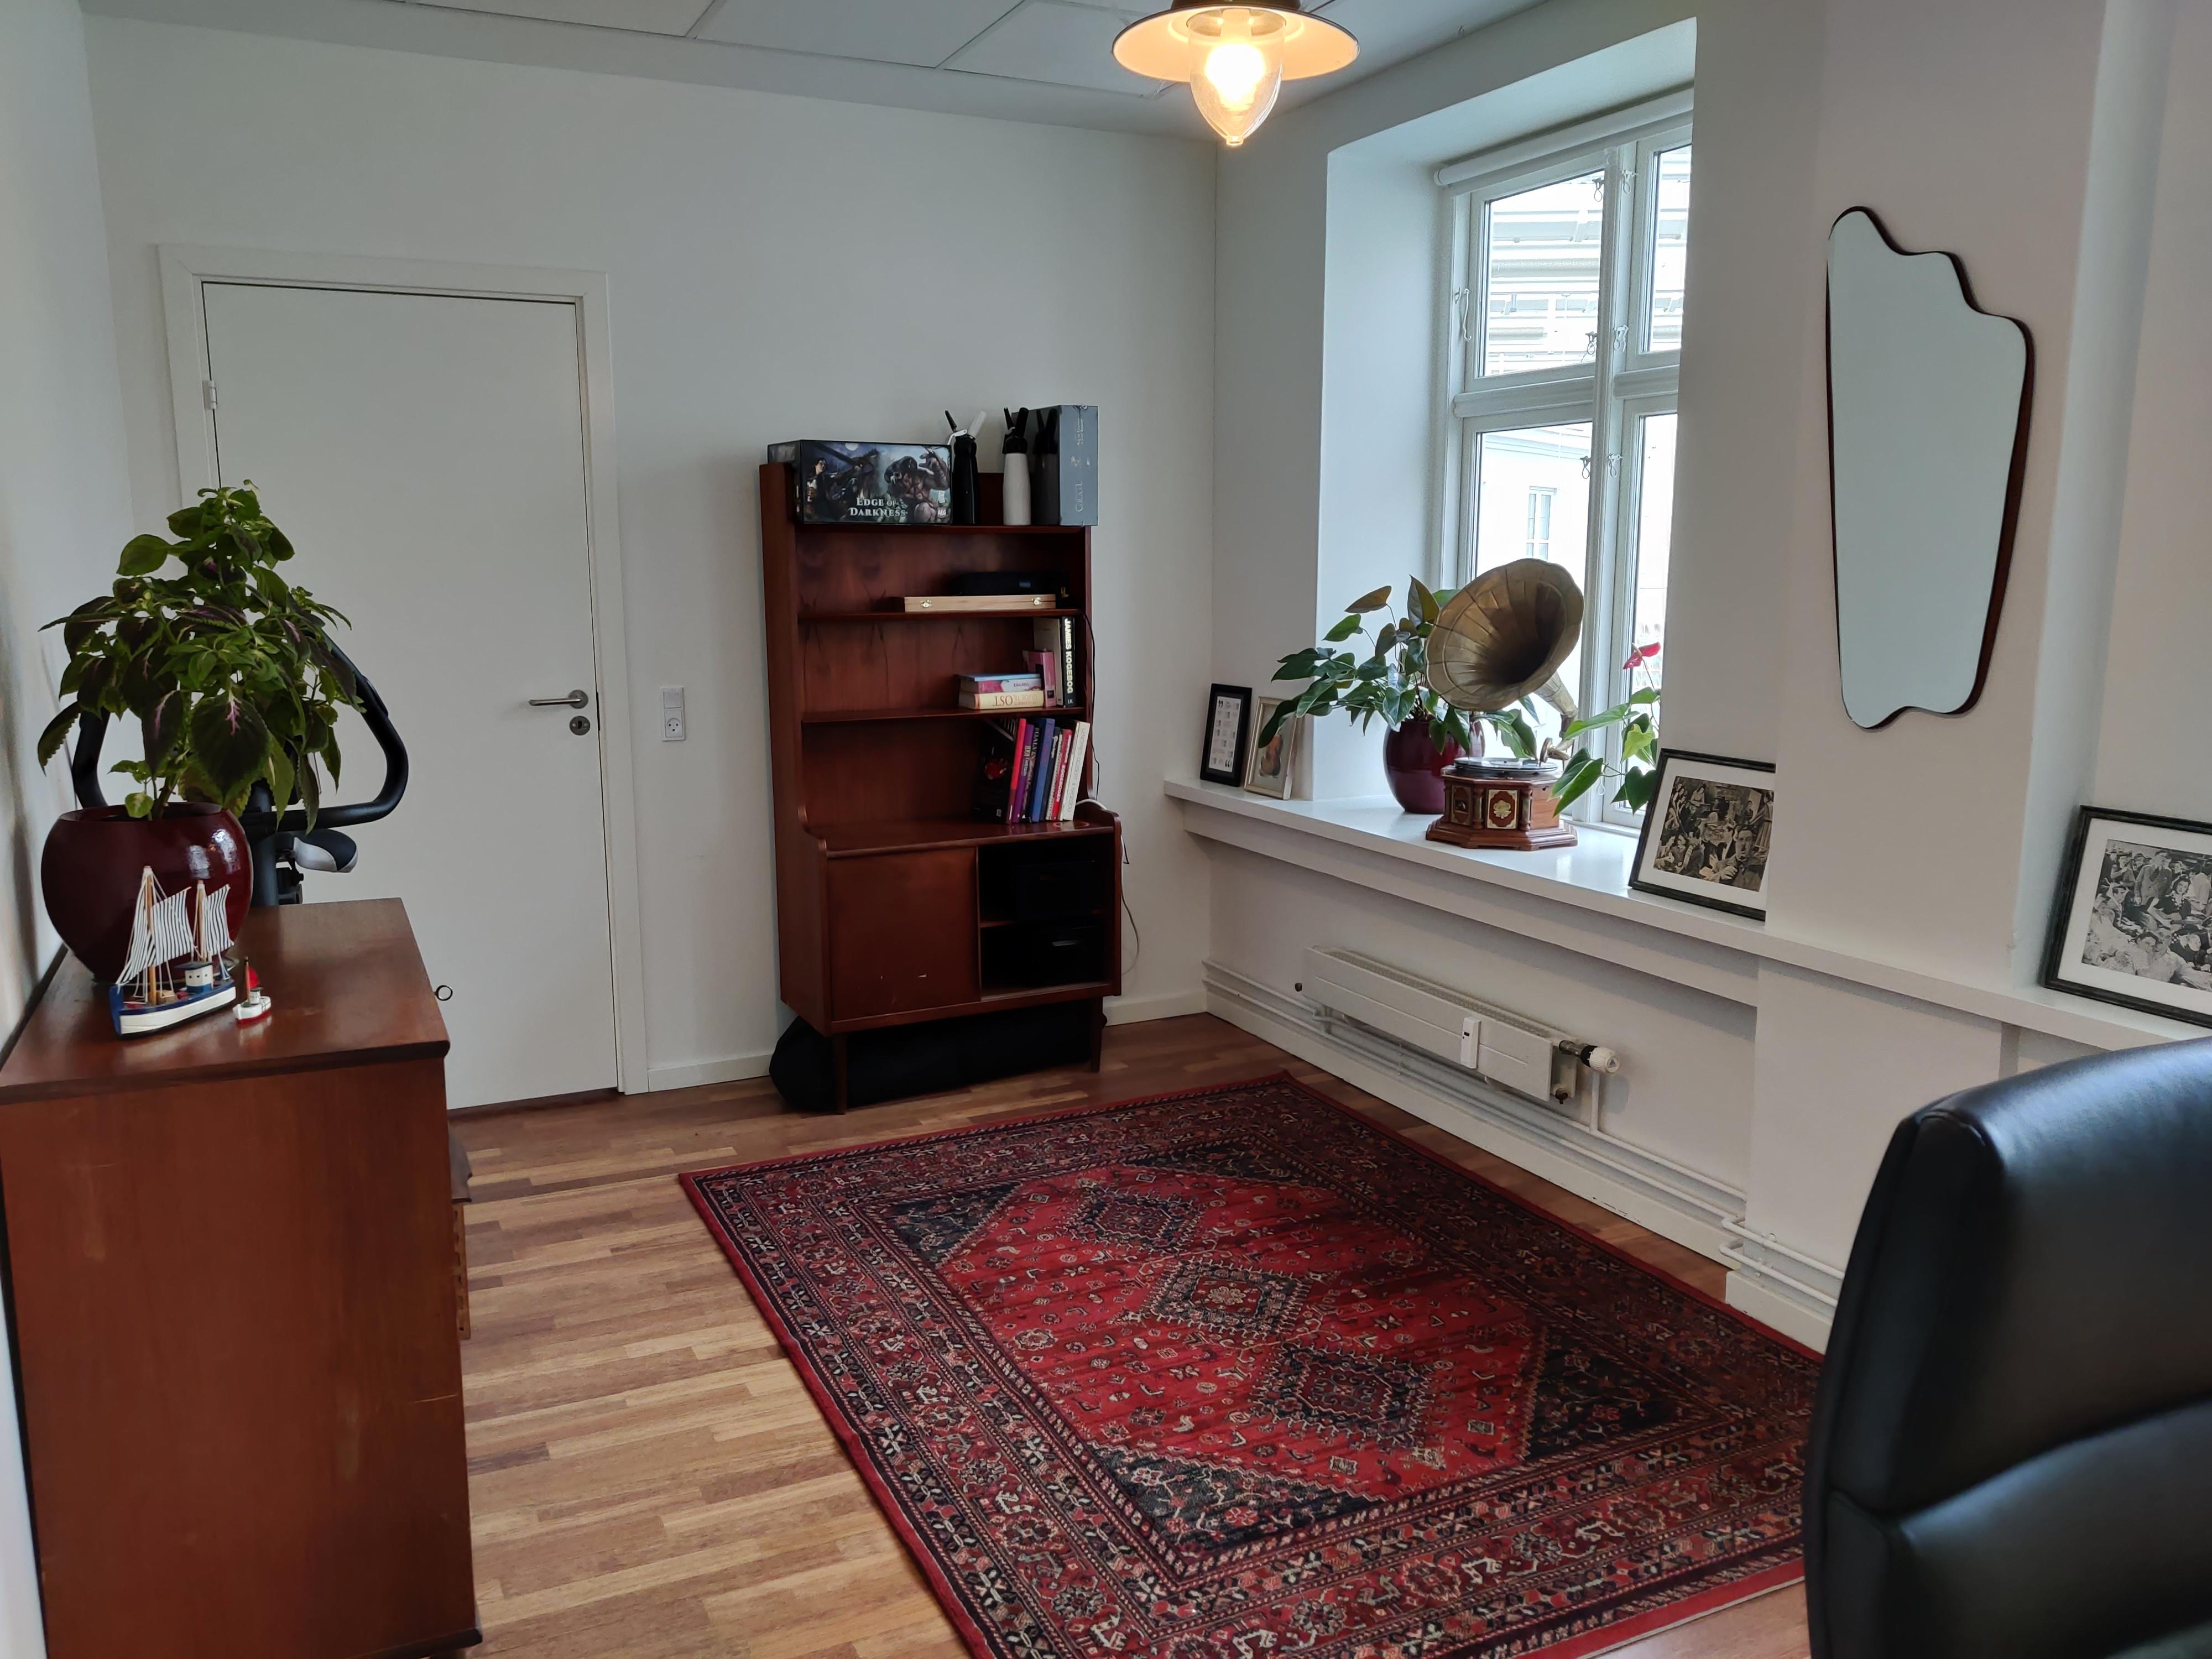 Flyt ind i Odenses lækreste kollektiv